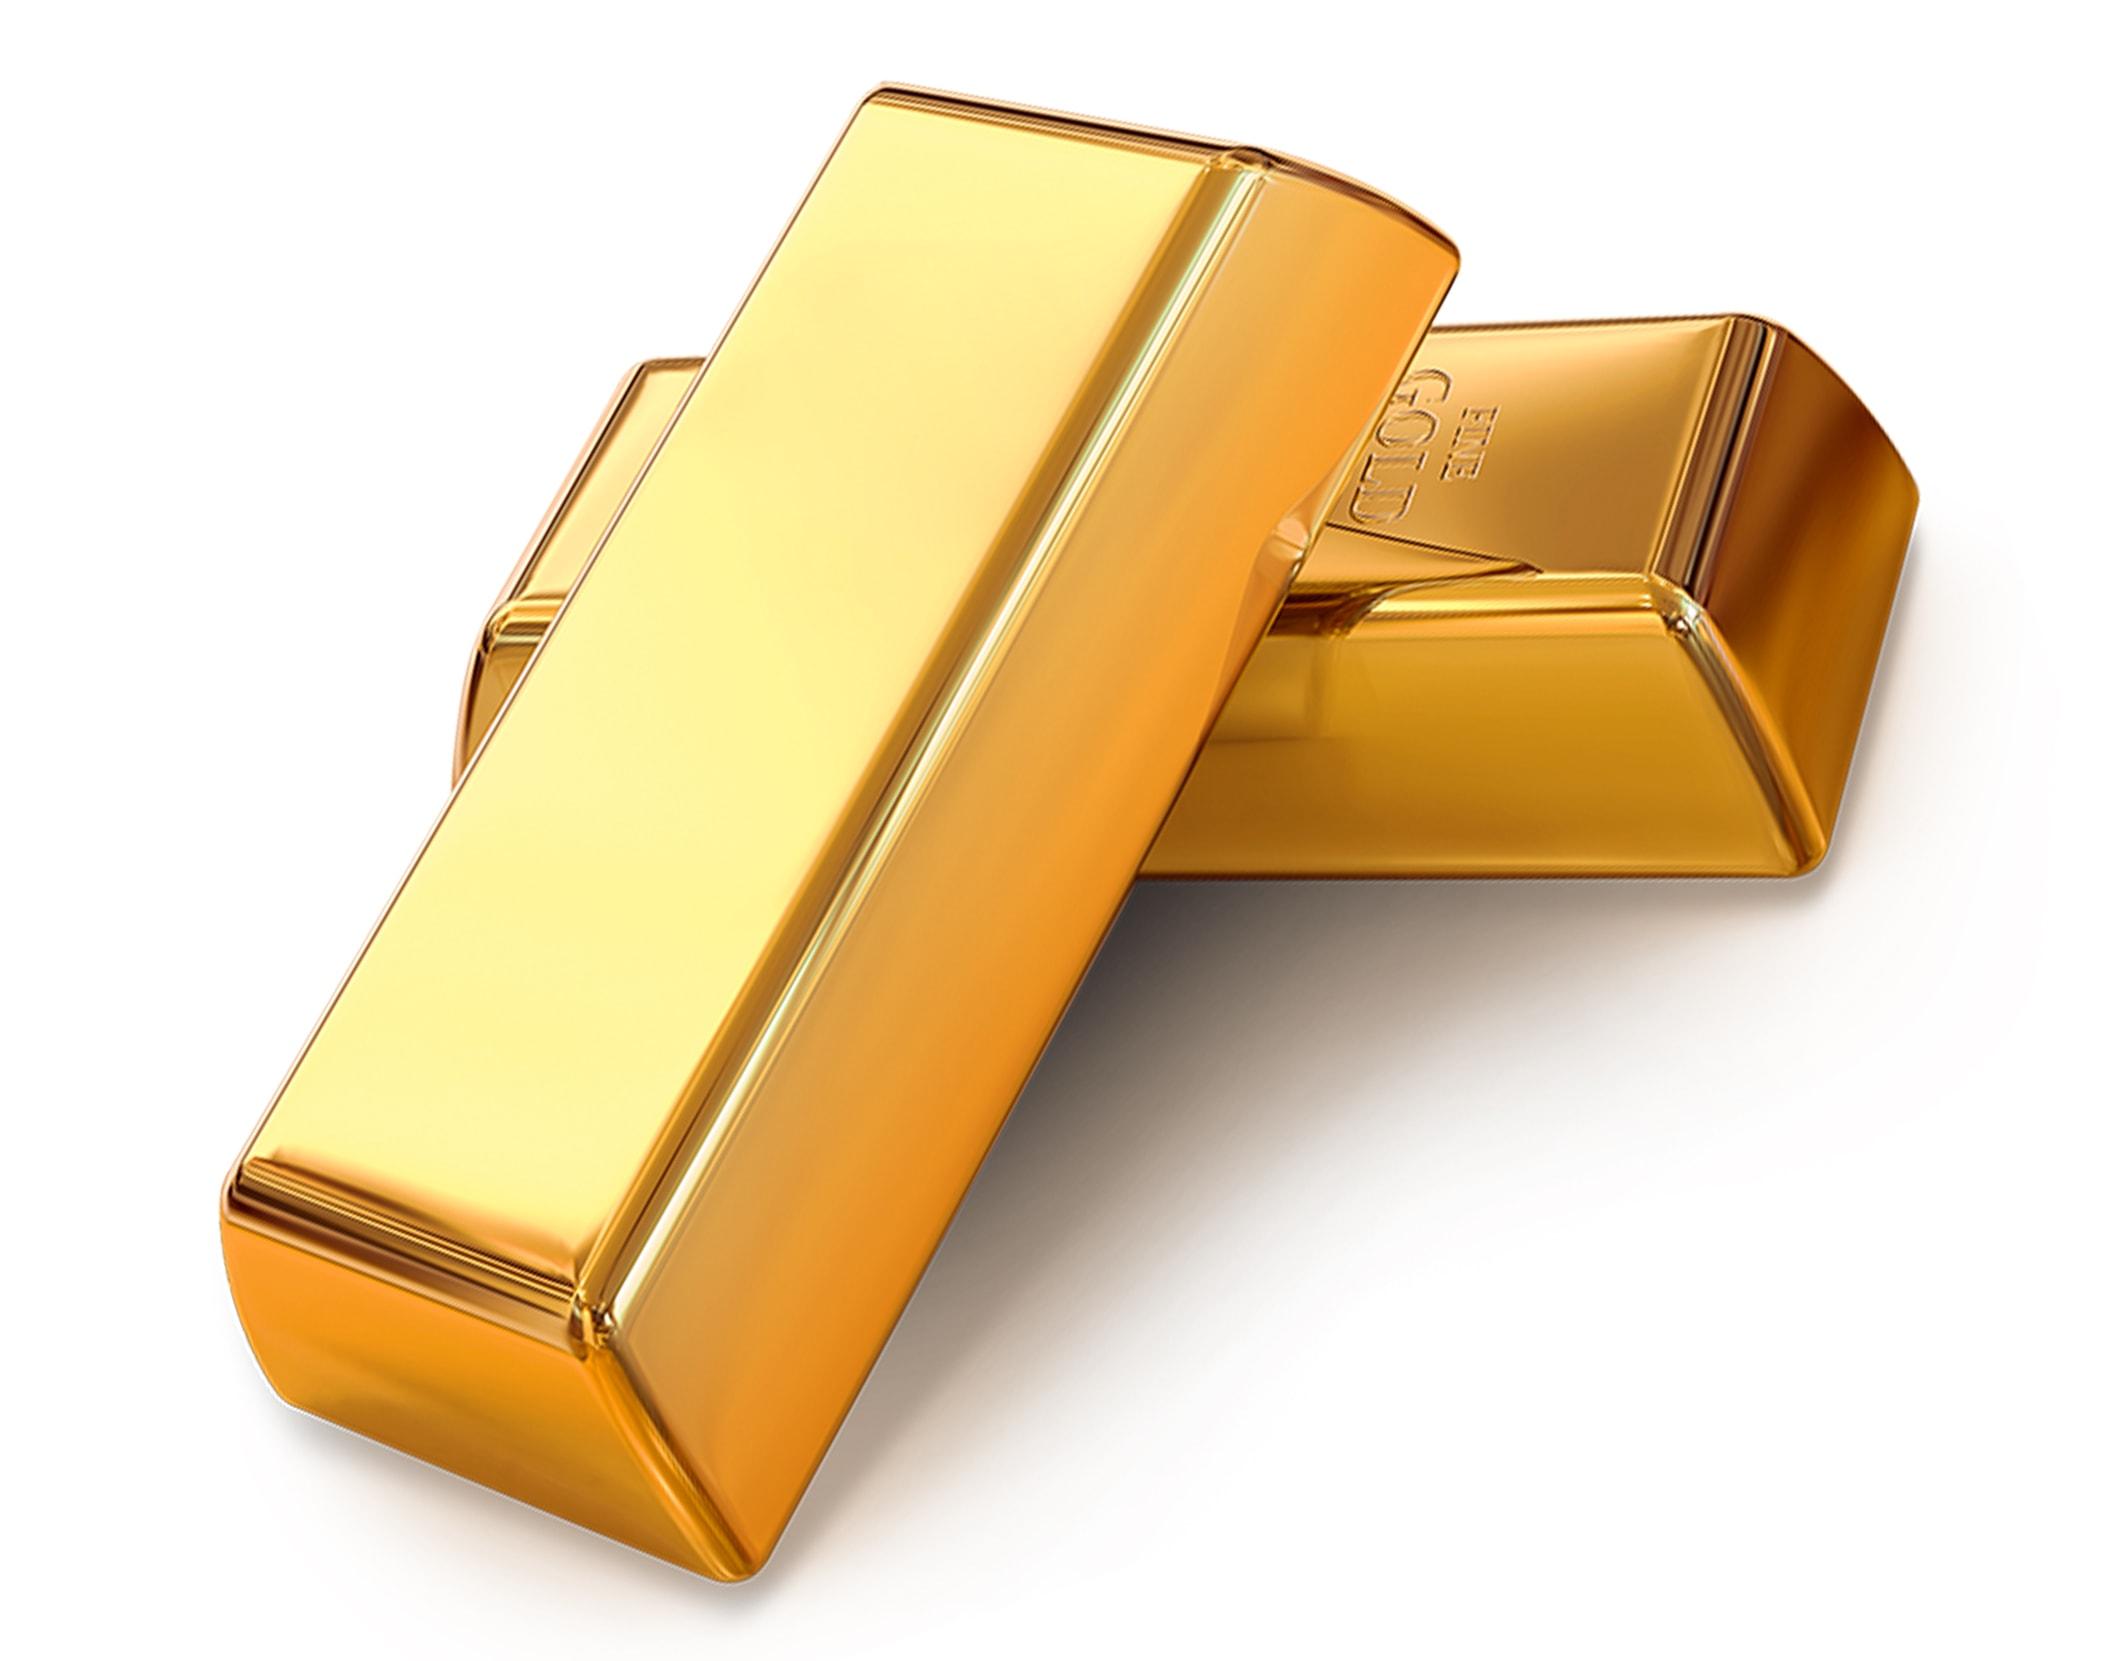 ведущих ломбард в москве стоимость за грамм золота изготовлении